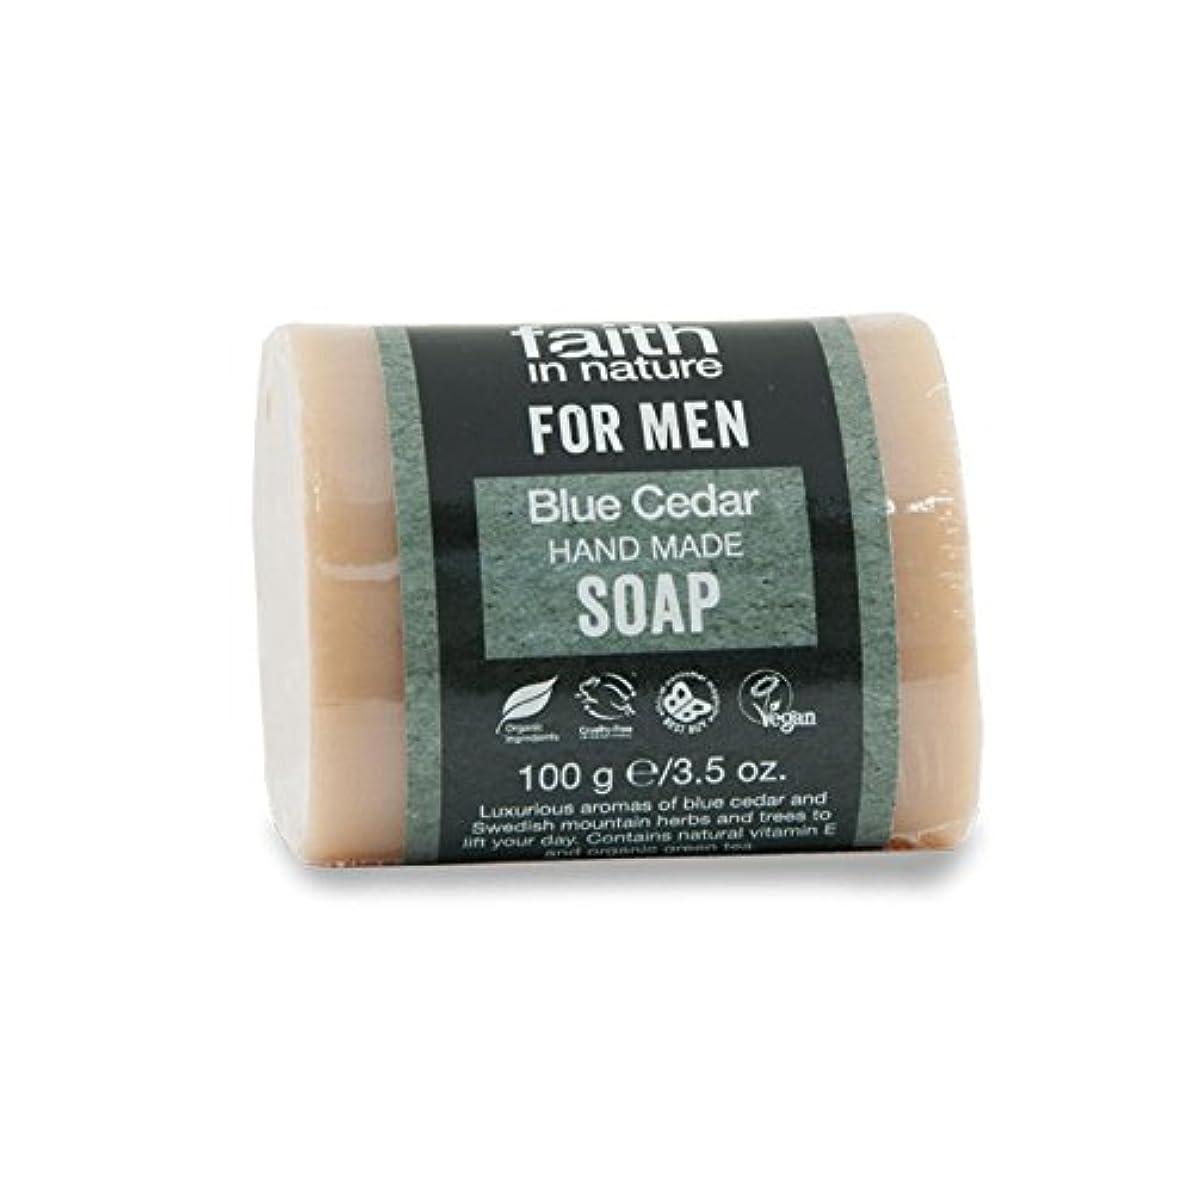 補充領域主人男性青杉の石鹸100グラムのための自然の中で信仰 - Faith in Nature for Men Blue Cedar Soap 100g (Faith in Nature) [並行輸入品]